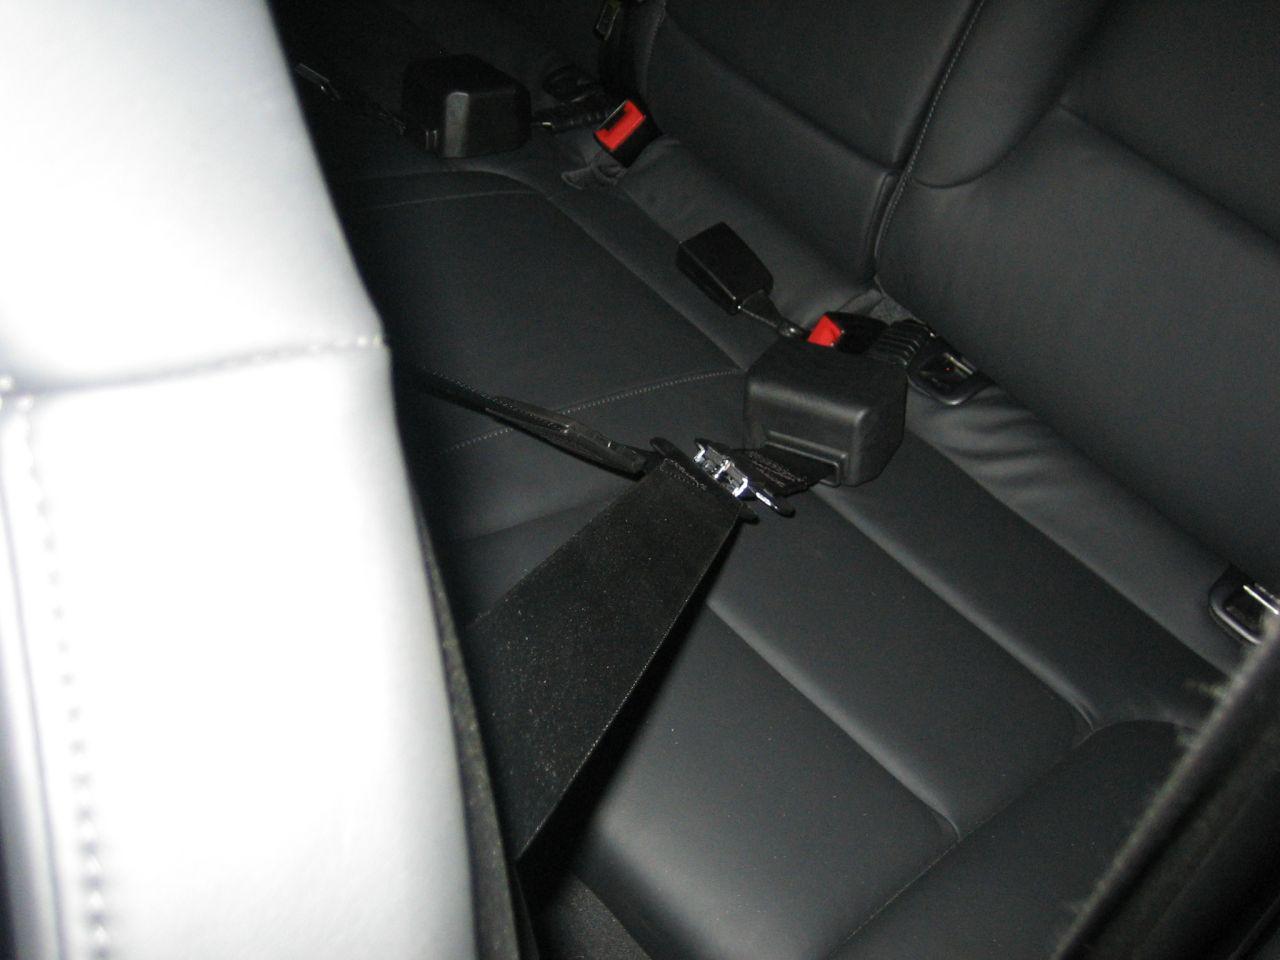 Audi S3 Schroth Asm 4 Punkt Gurte Img 4776 Jpg